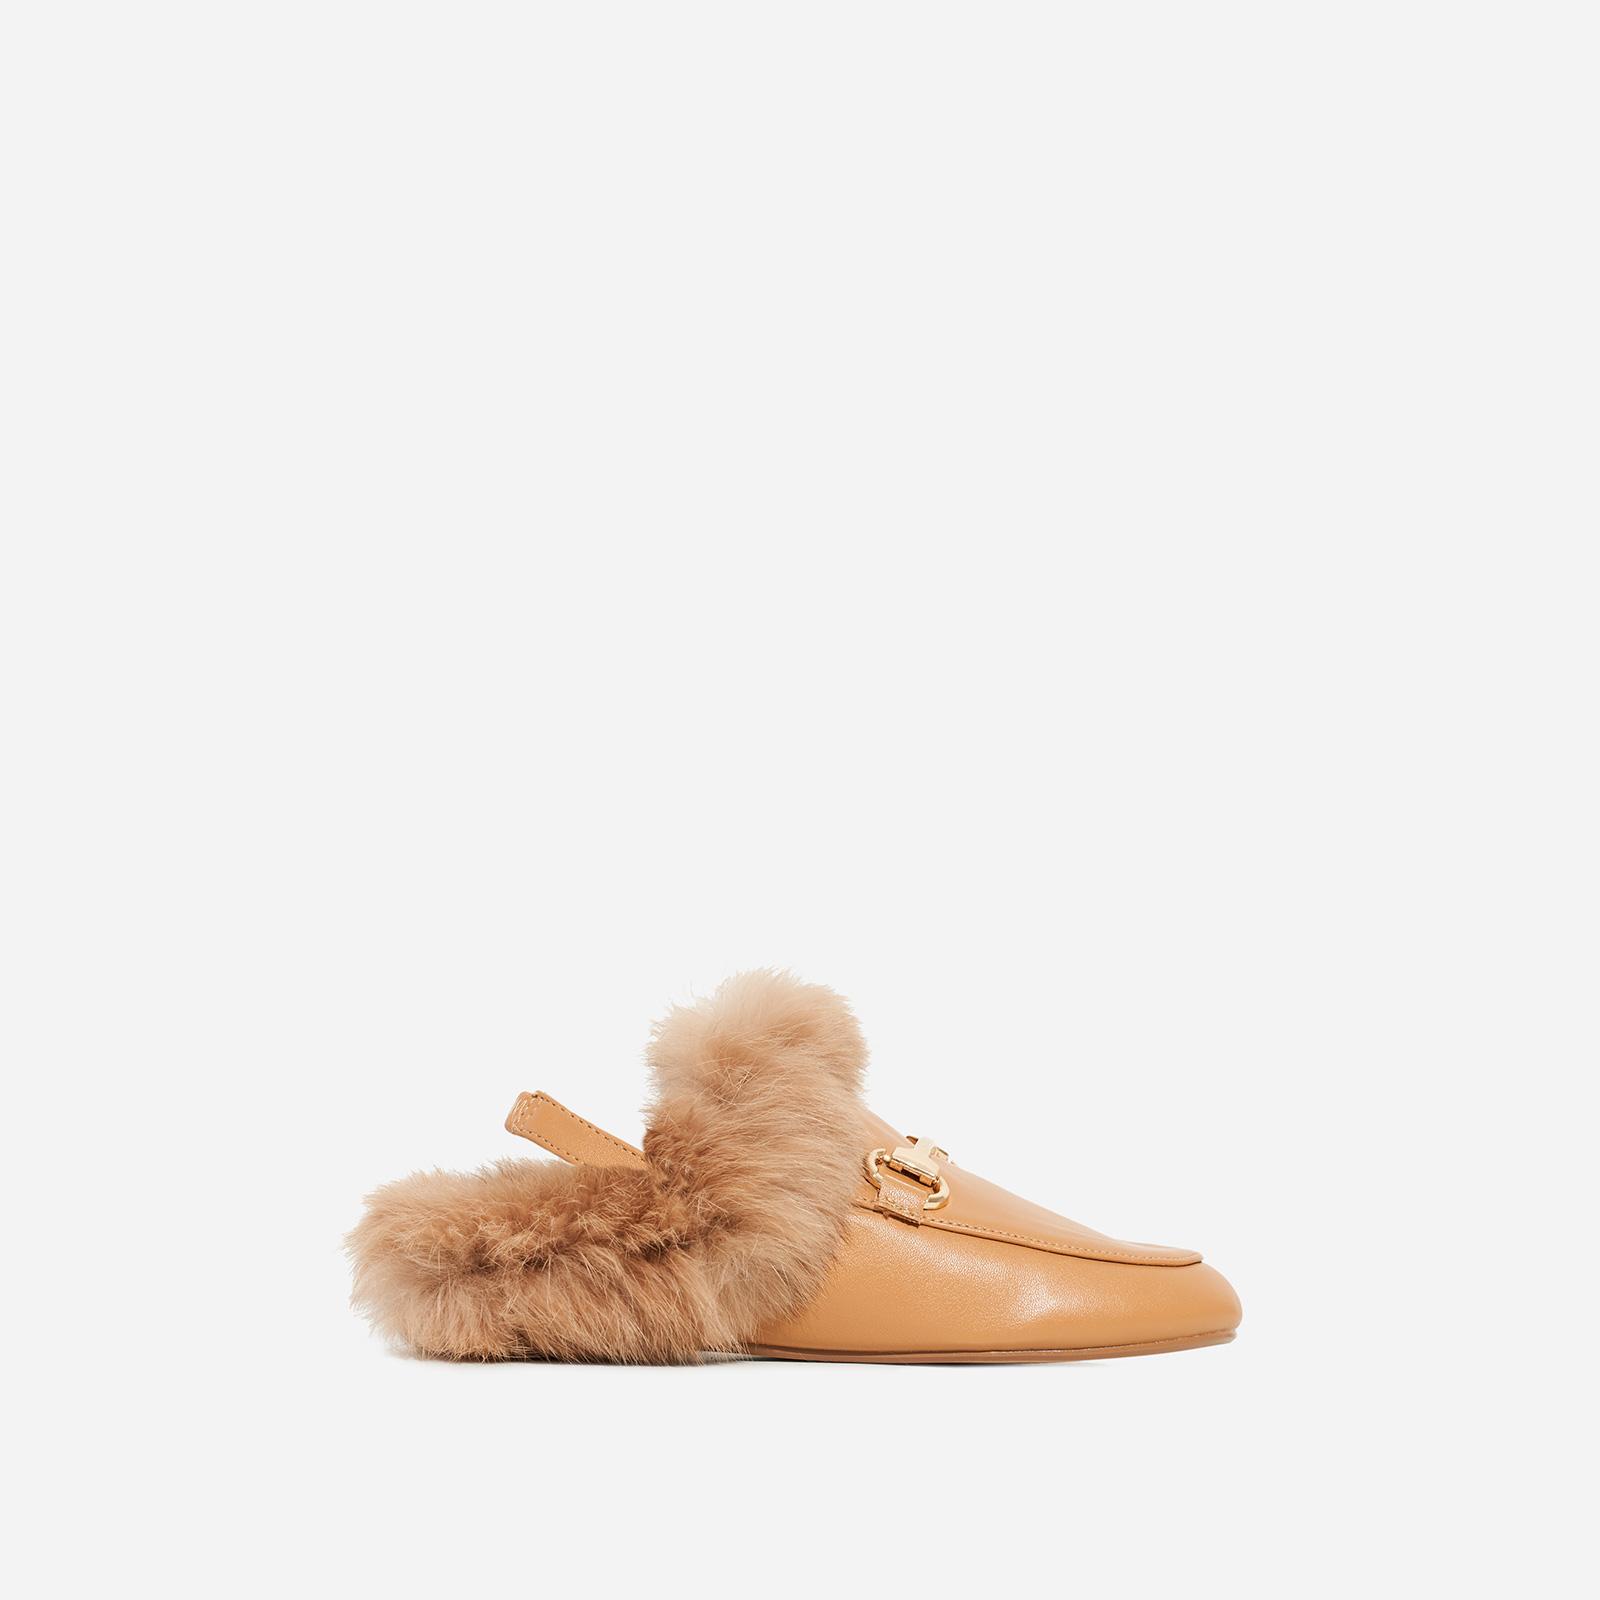 Rio Girl's Sling Back Faux Fur Flat Mule In Tan Faux Leather